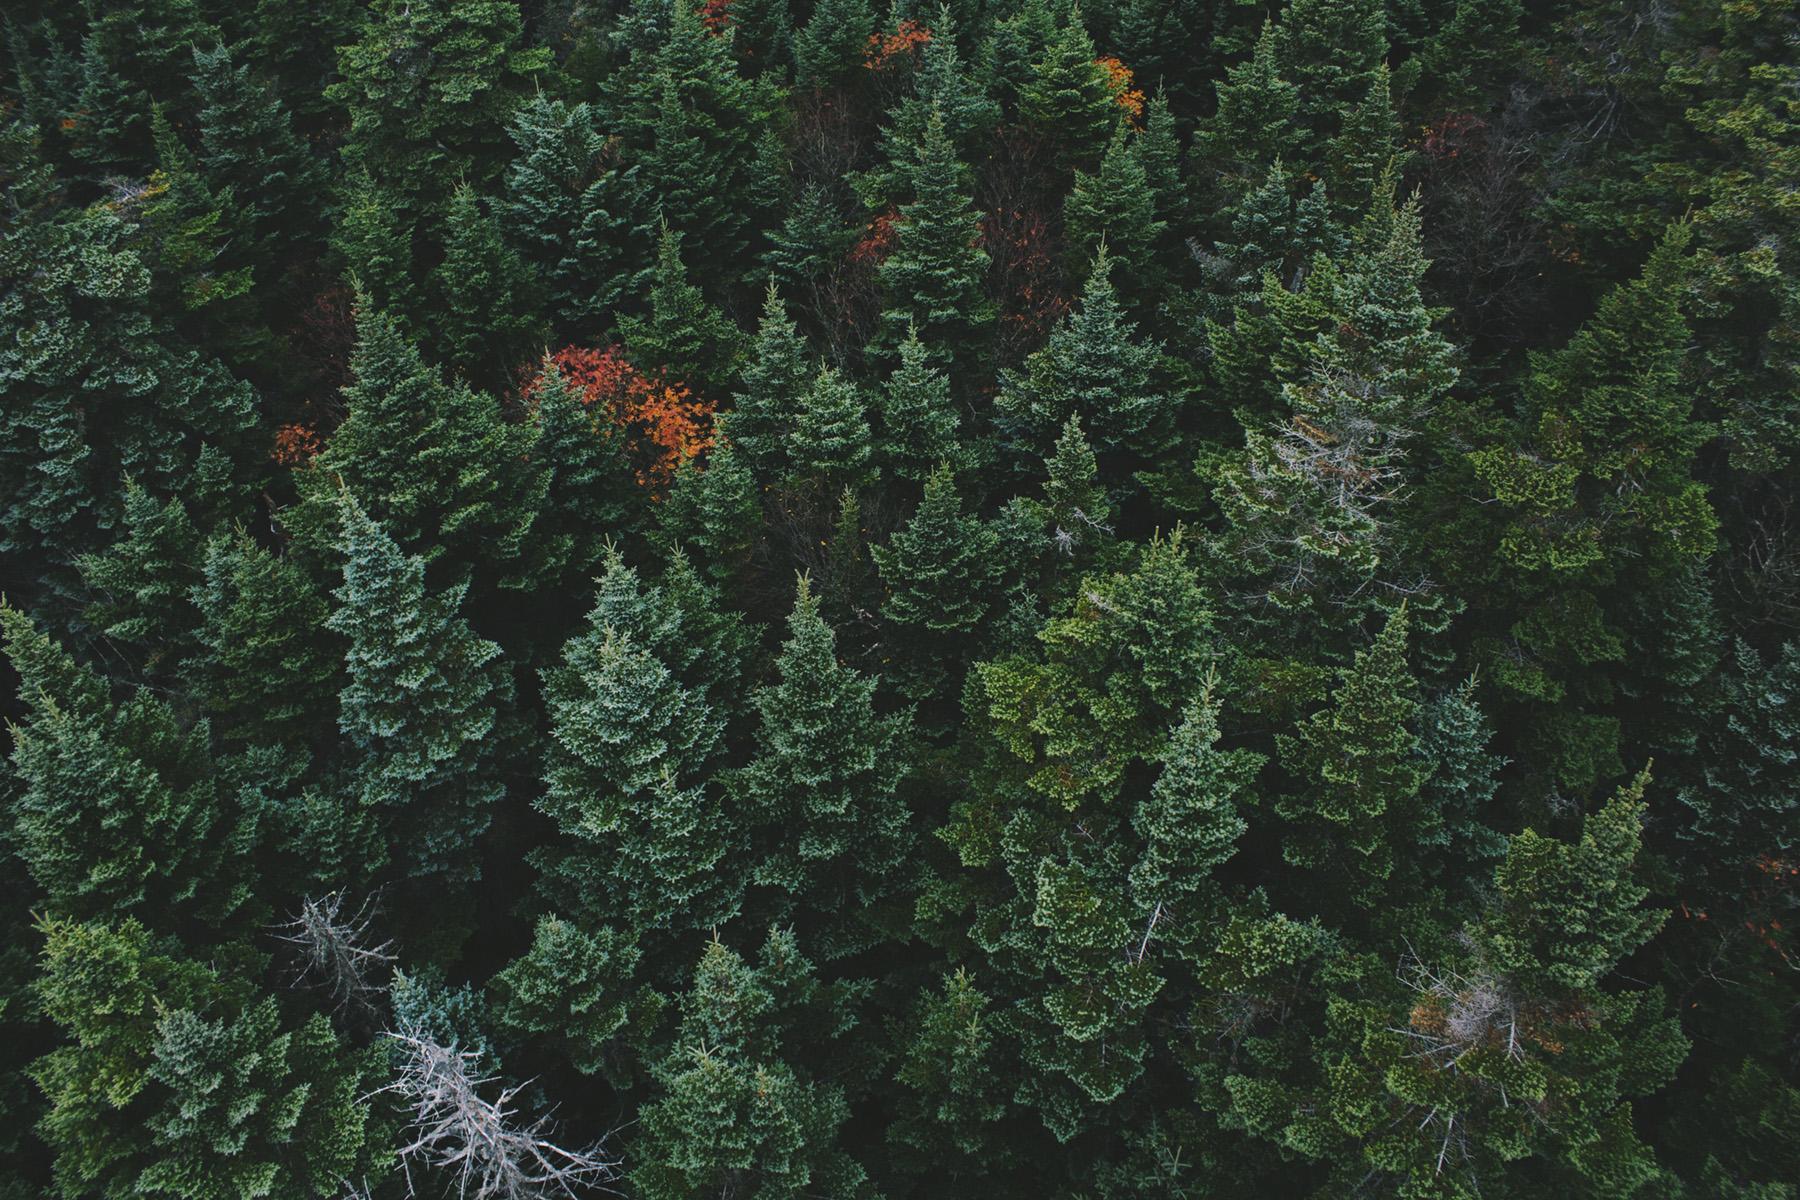 Ban la voix de la forêt The voice of the forest